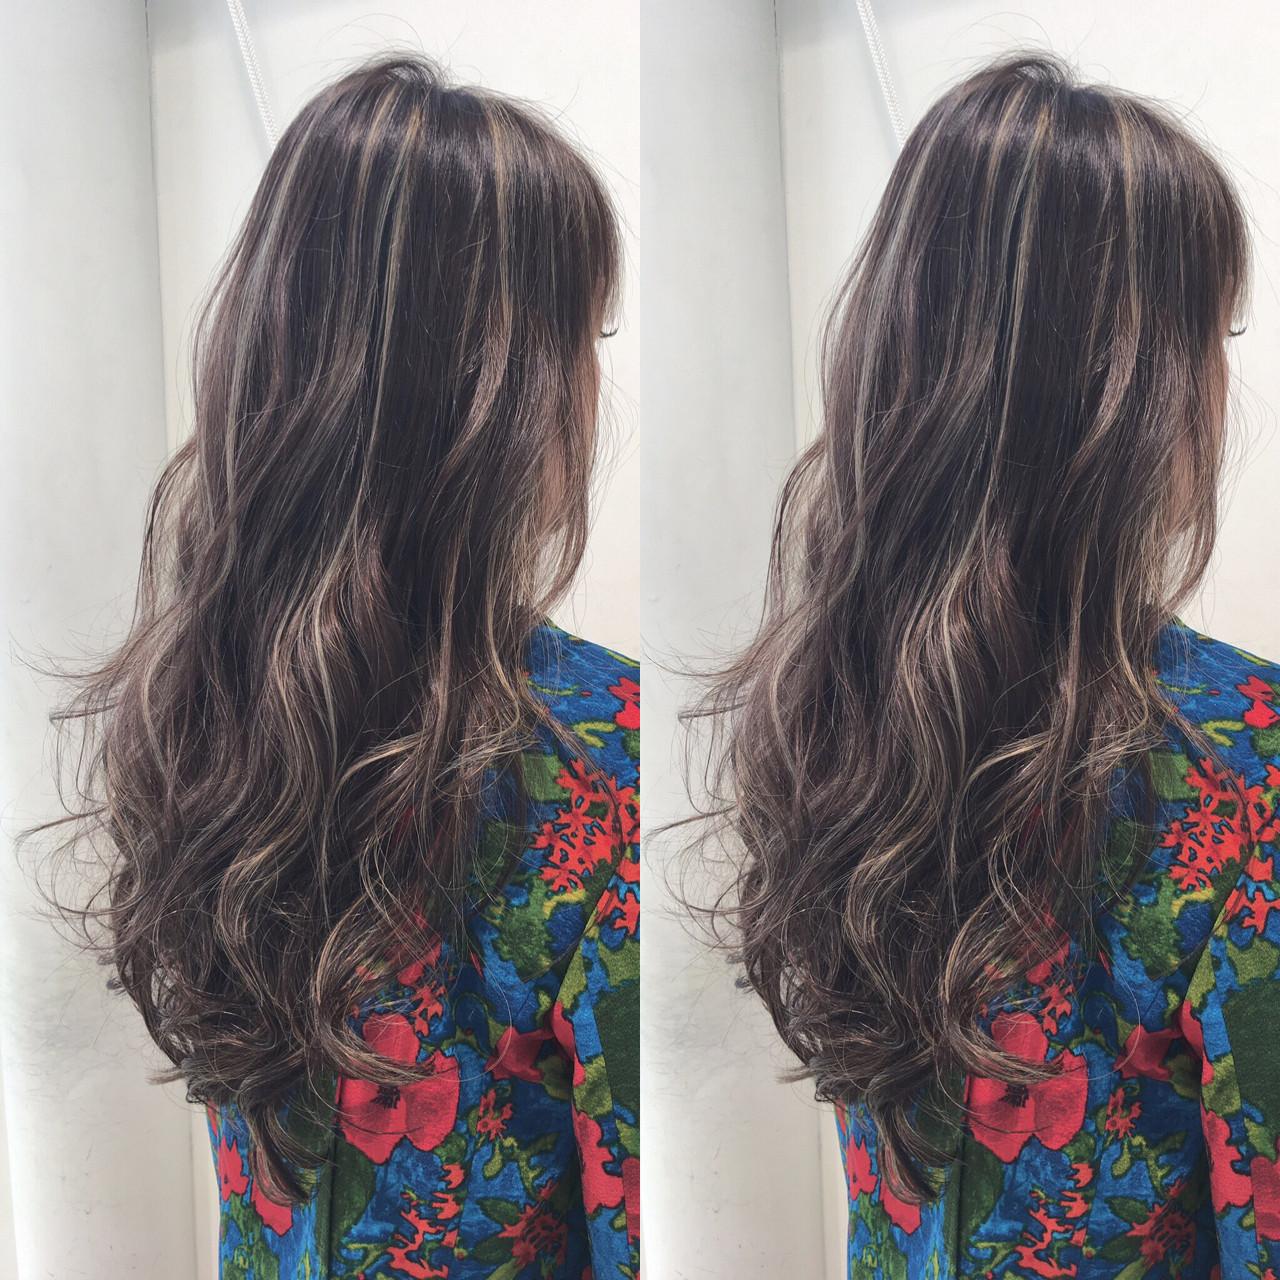 巻き髪 波ウェーブ グレージュ ミランダカー ヘアスタイルや髪型の写真・画像